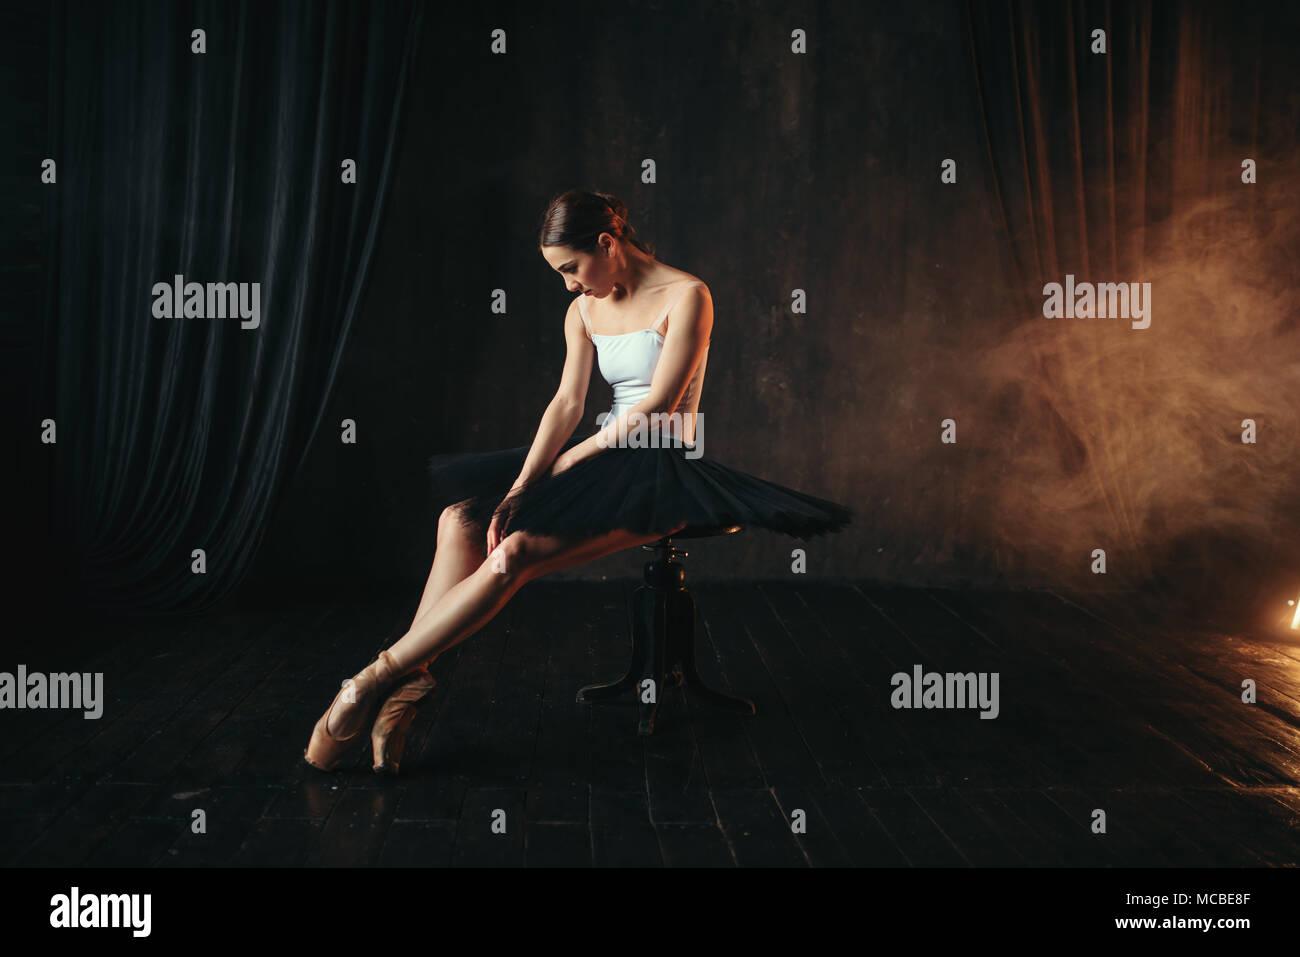 Ballerina seduta sul panchetto nero Immagini Stock